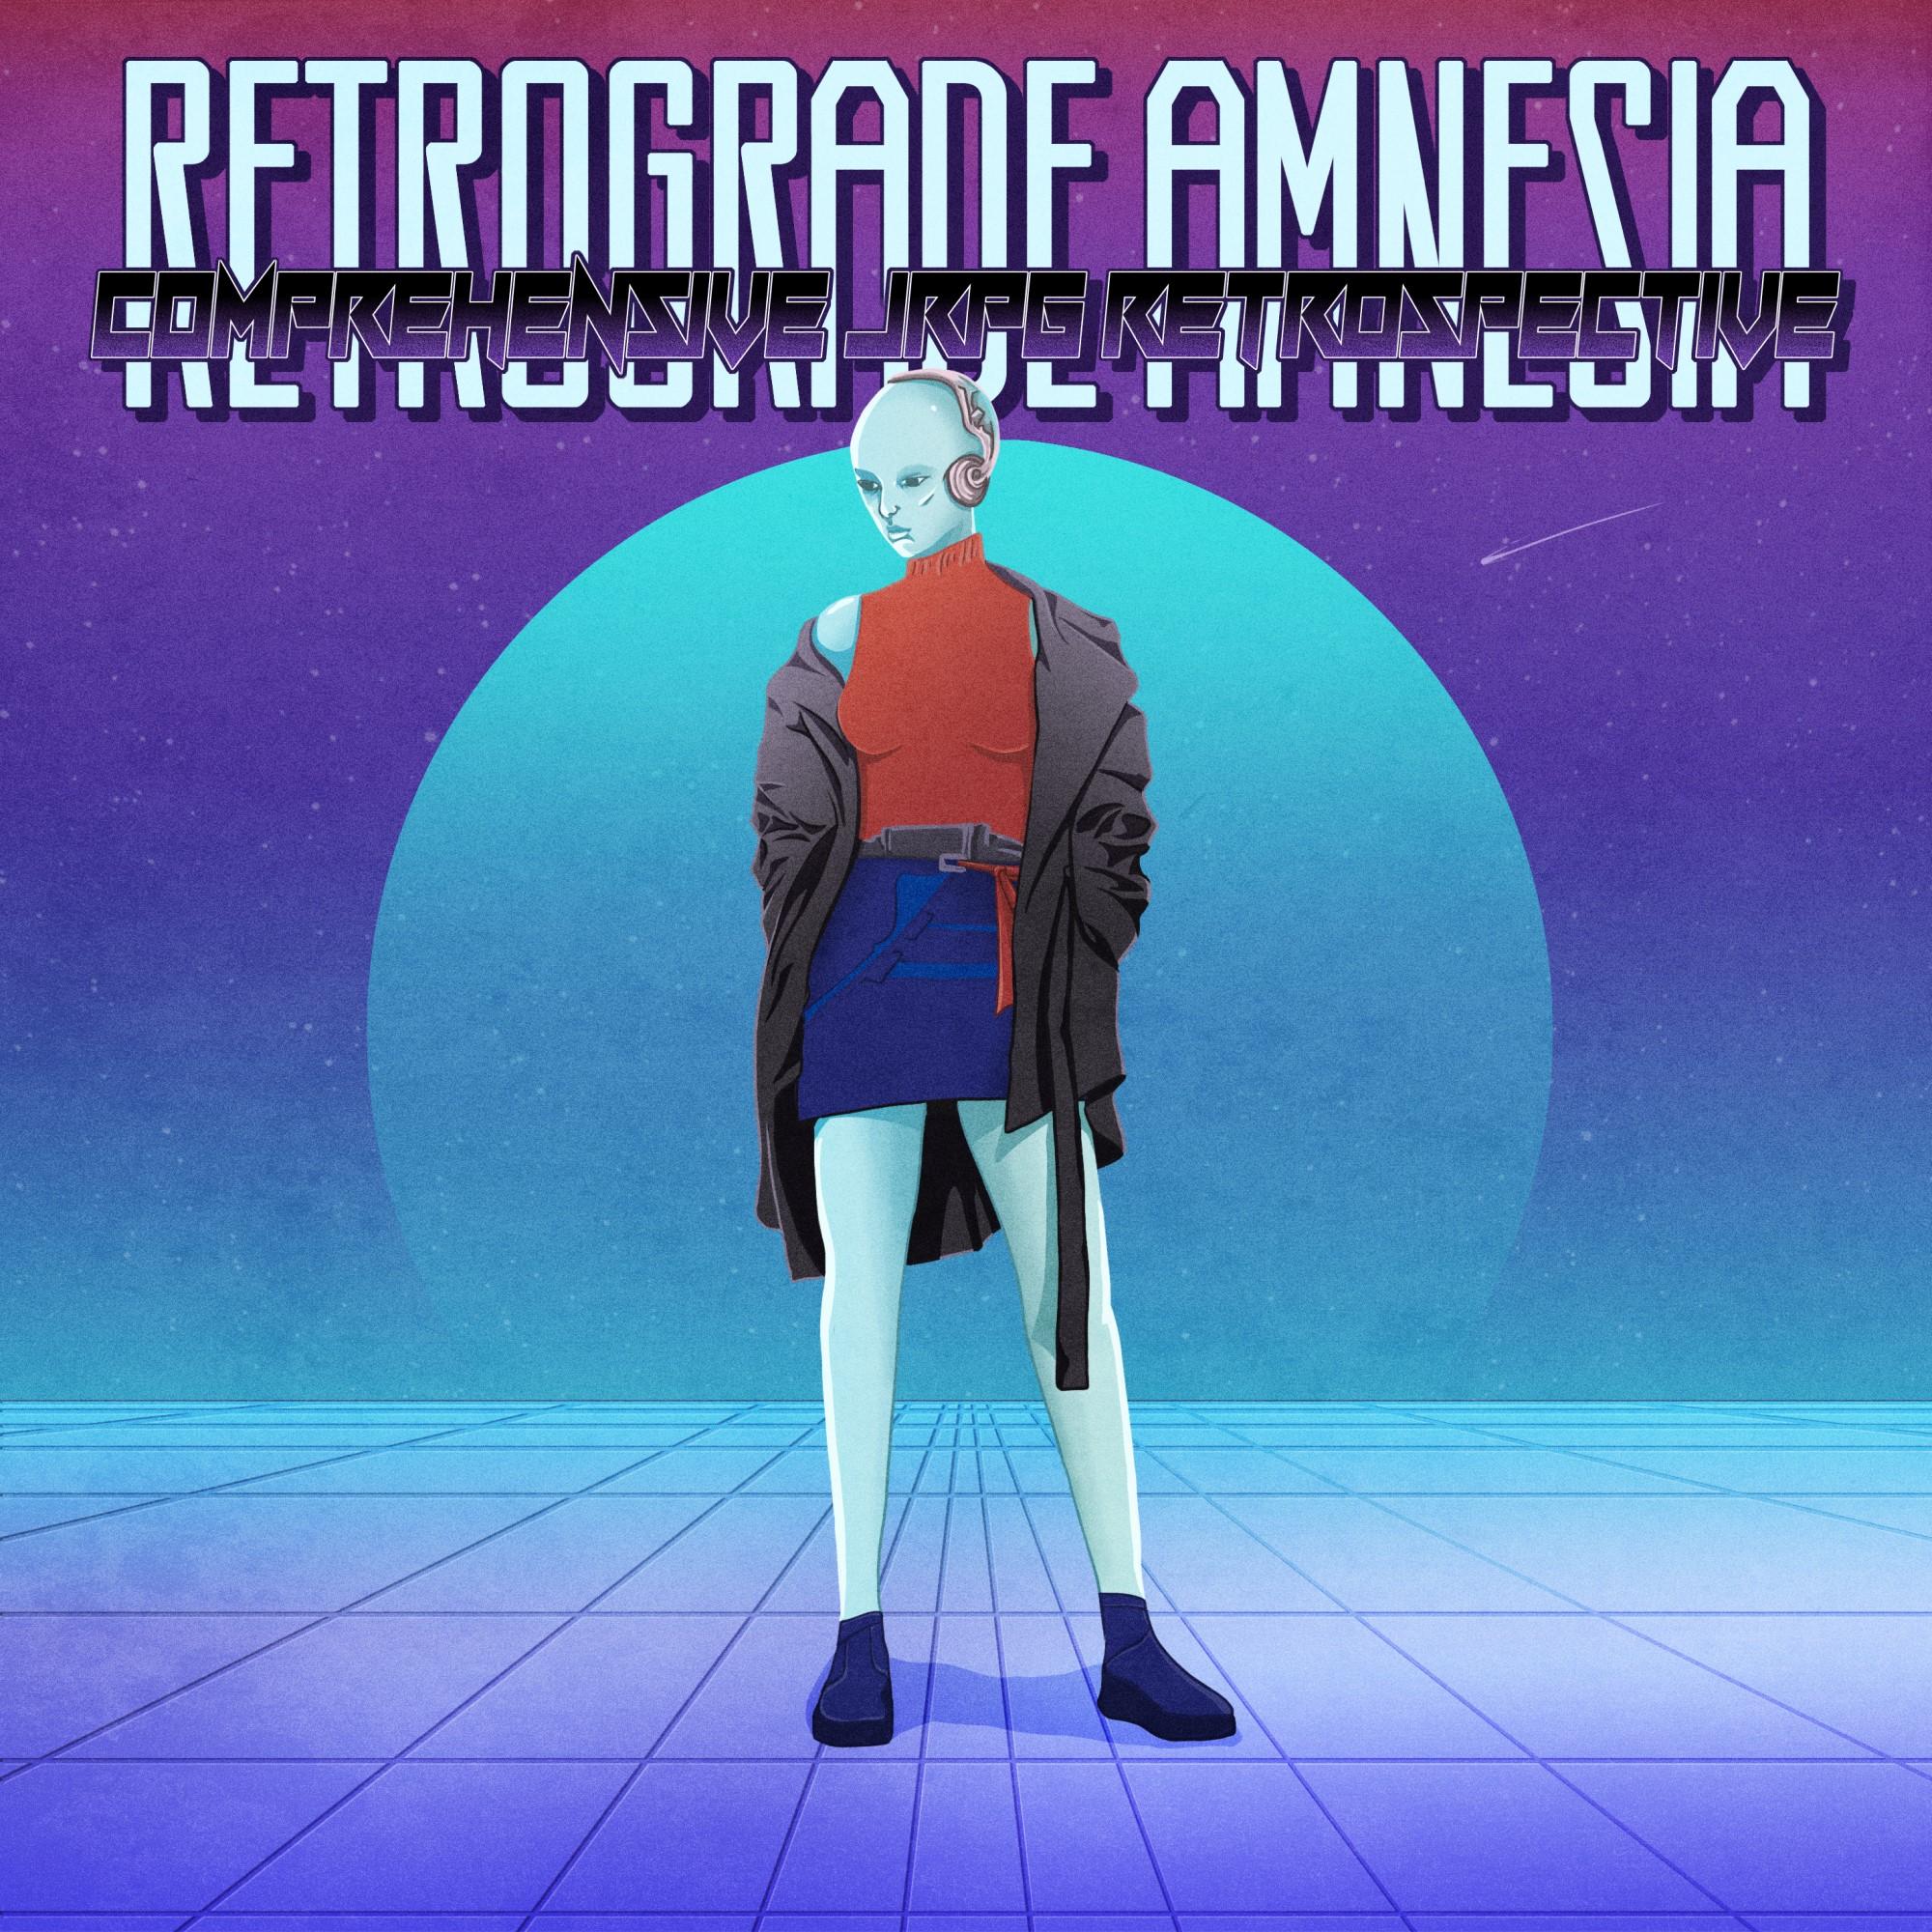 Retrograde Amnesia JRPG Podcast Cover